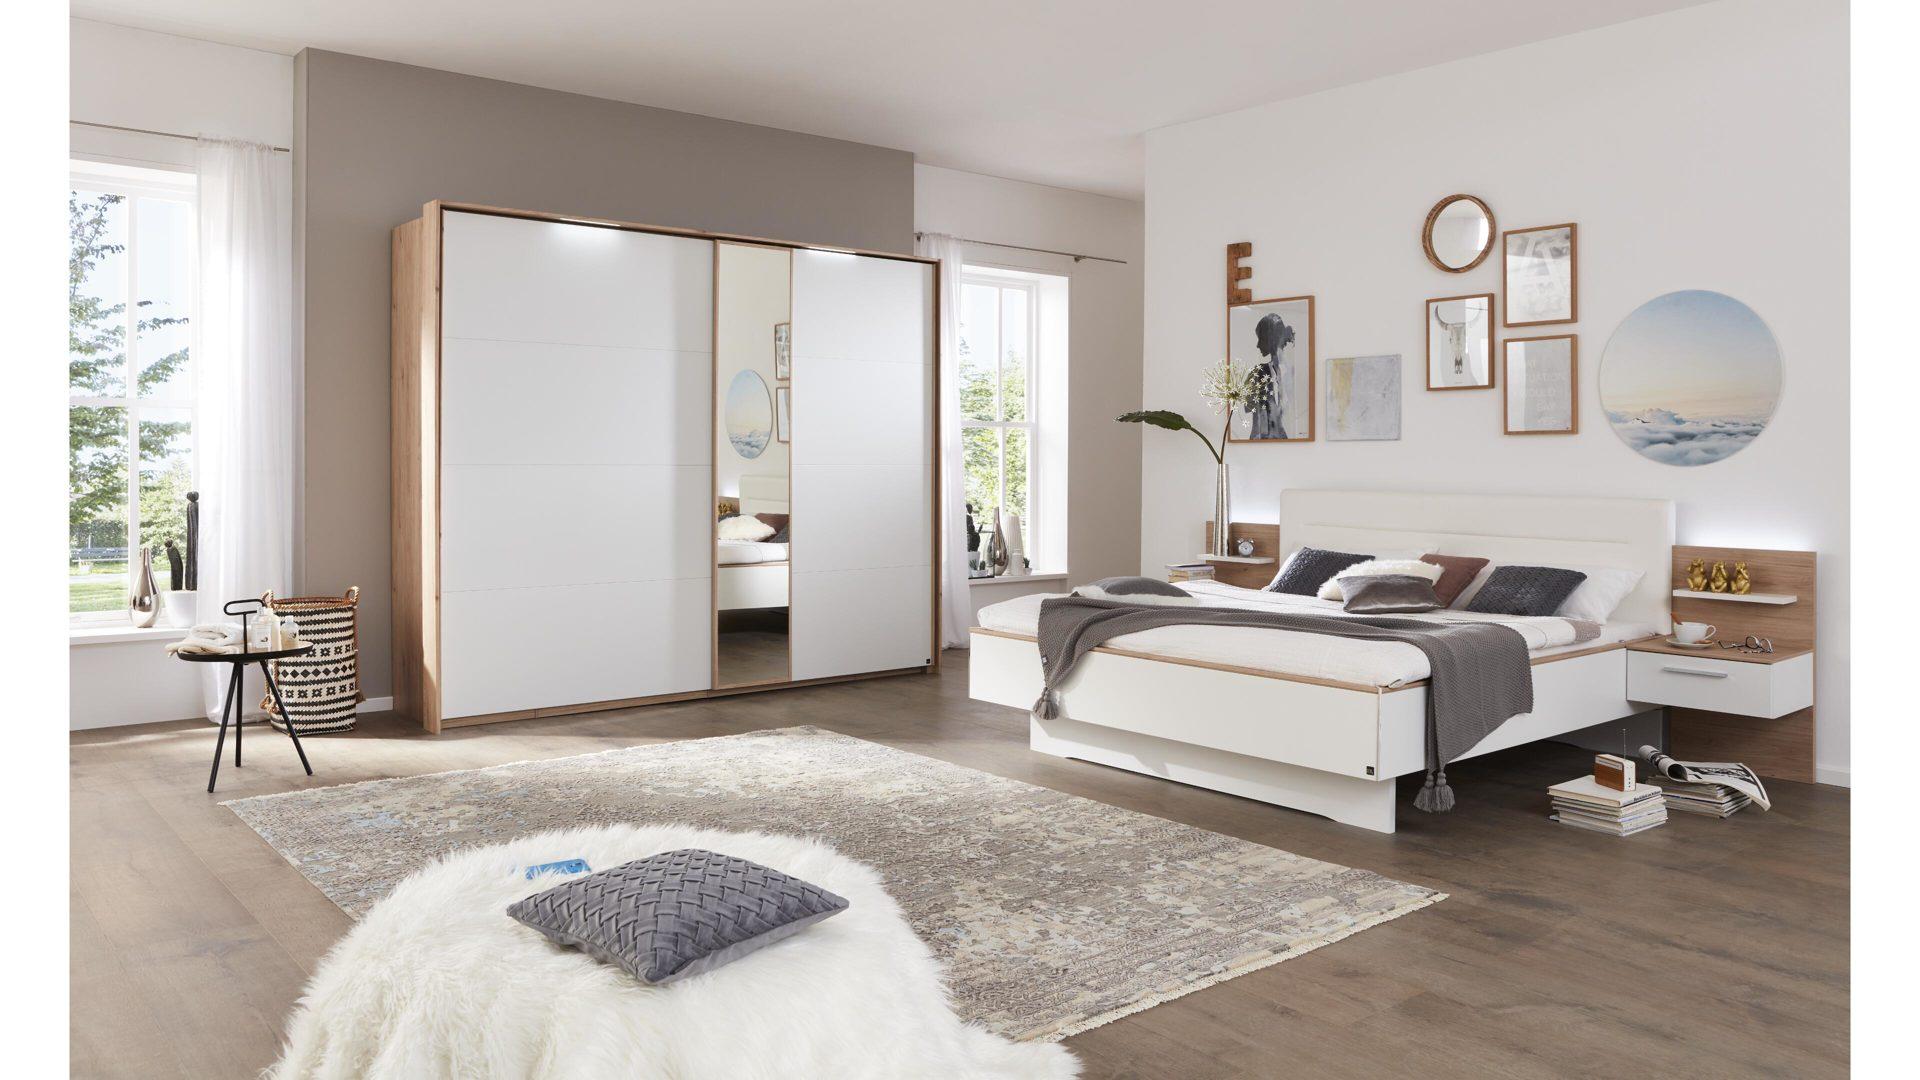 Interliving Schlafzimmer Serie 1011 – Schlafzimmerkombination